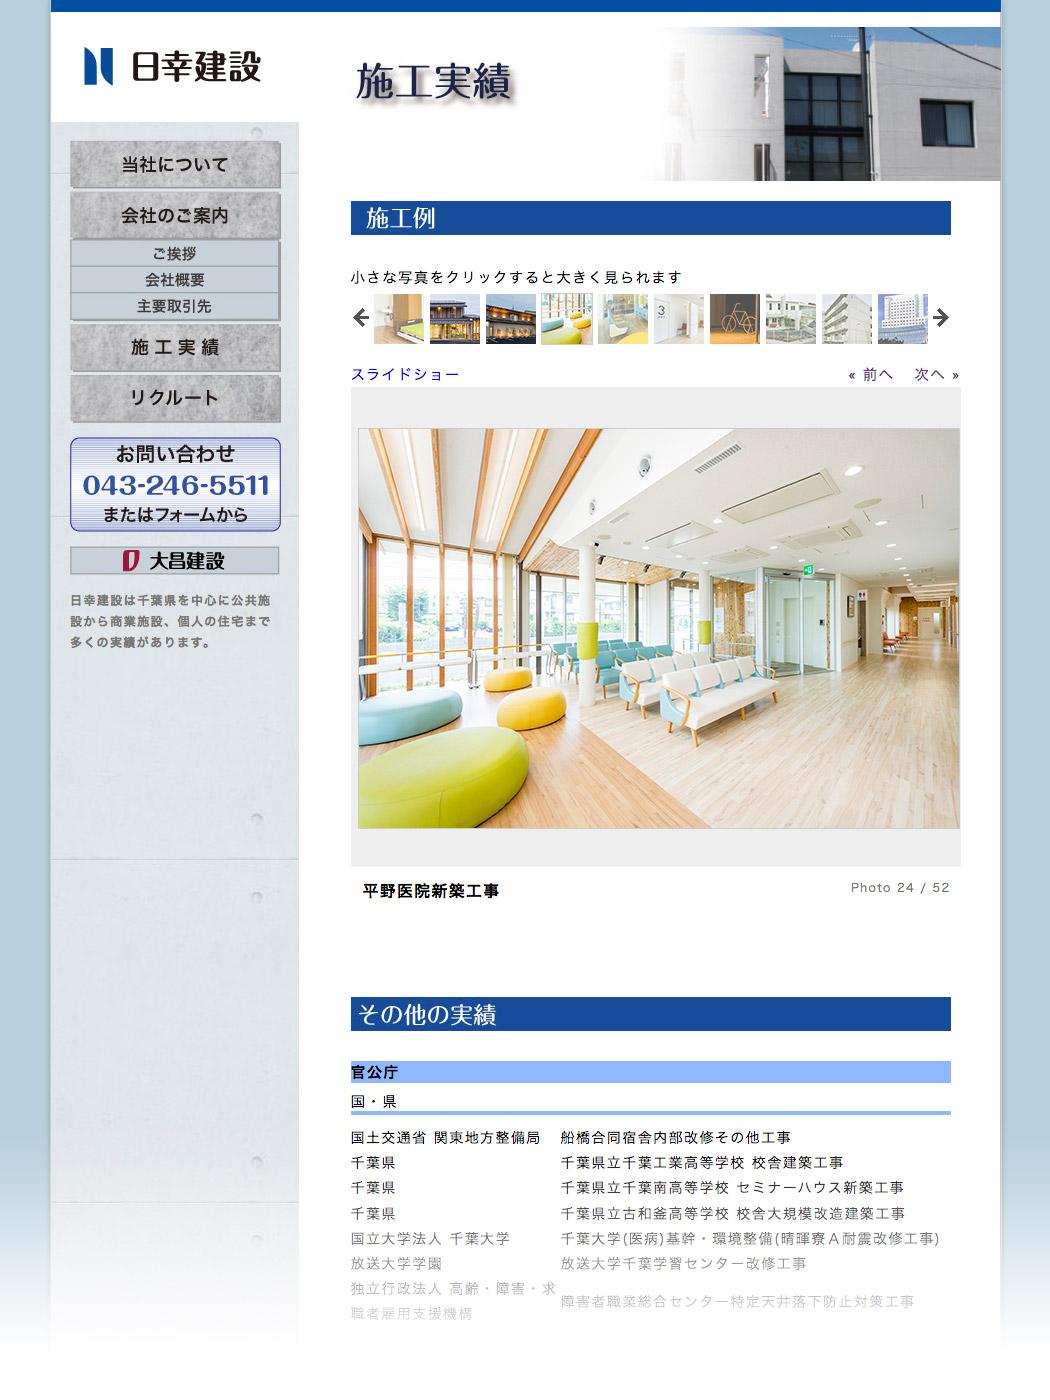 日幸建設株式会社様web2